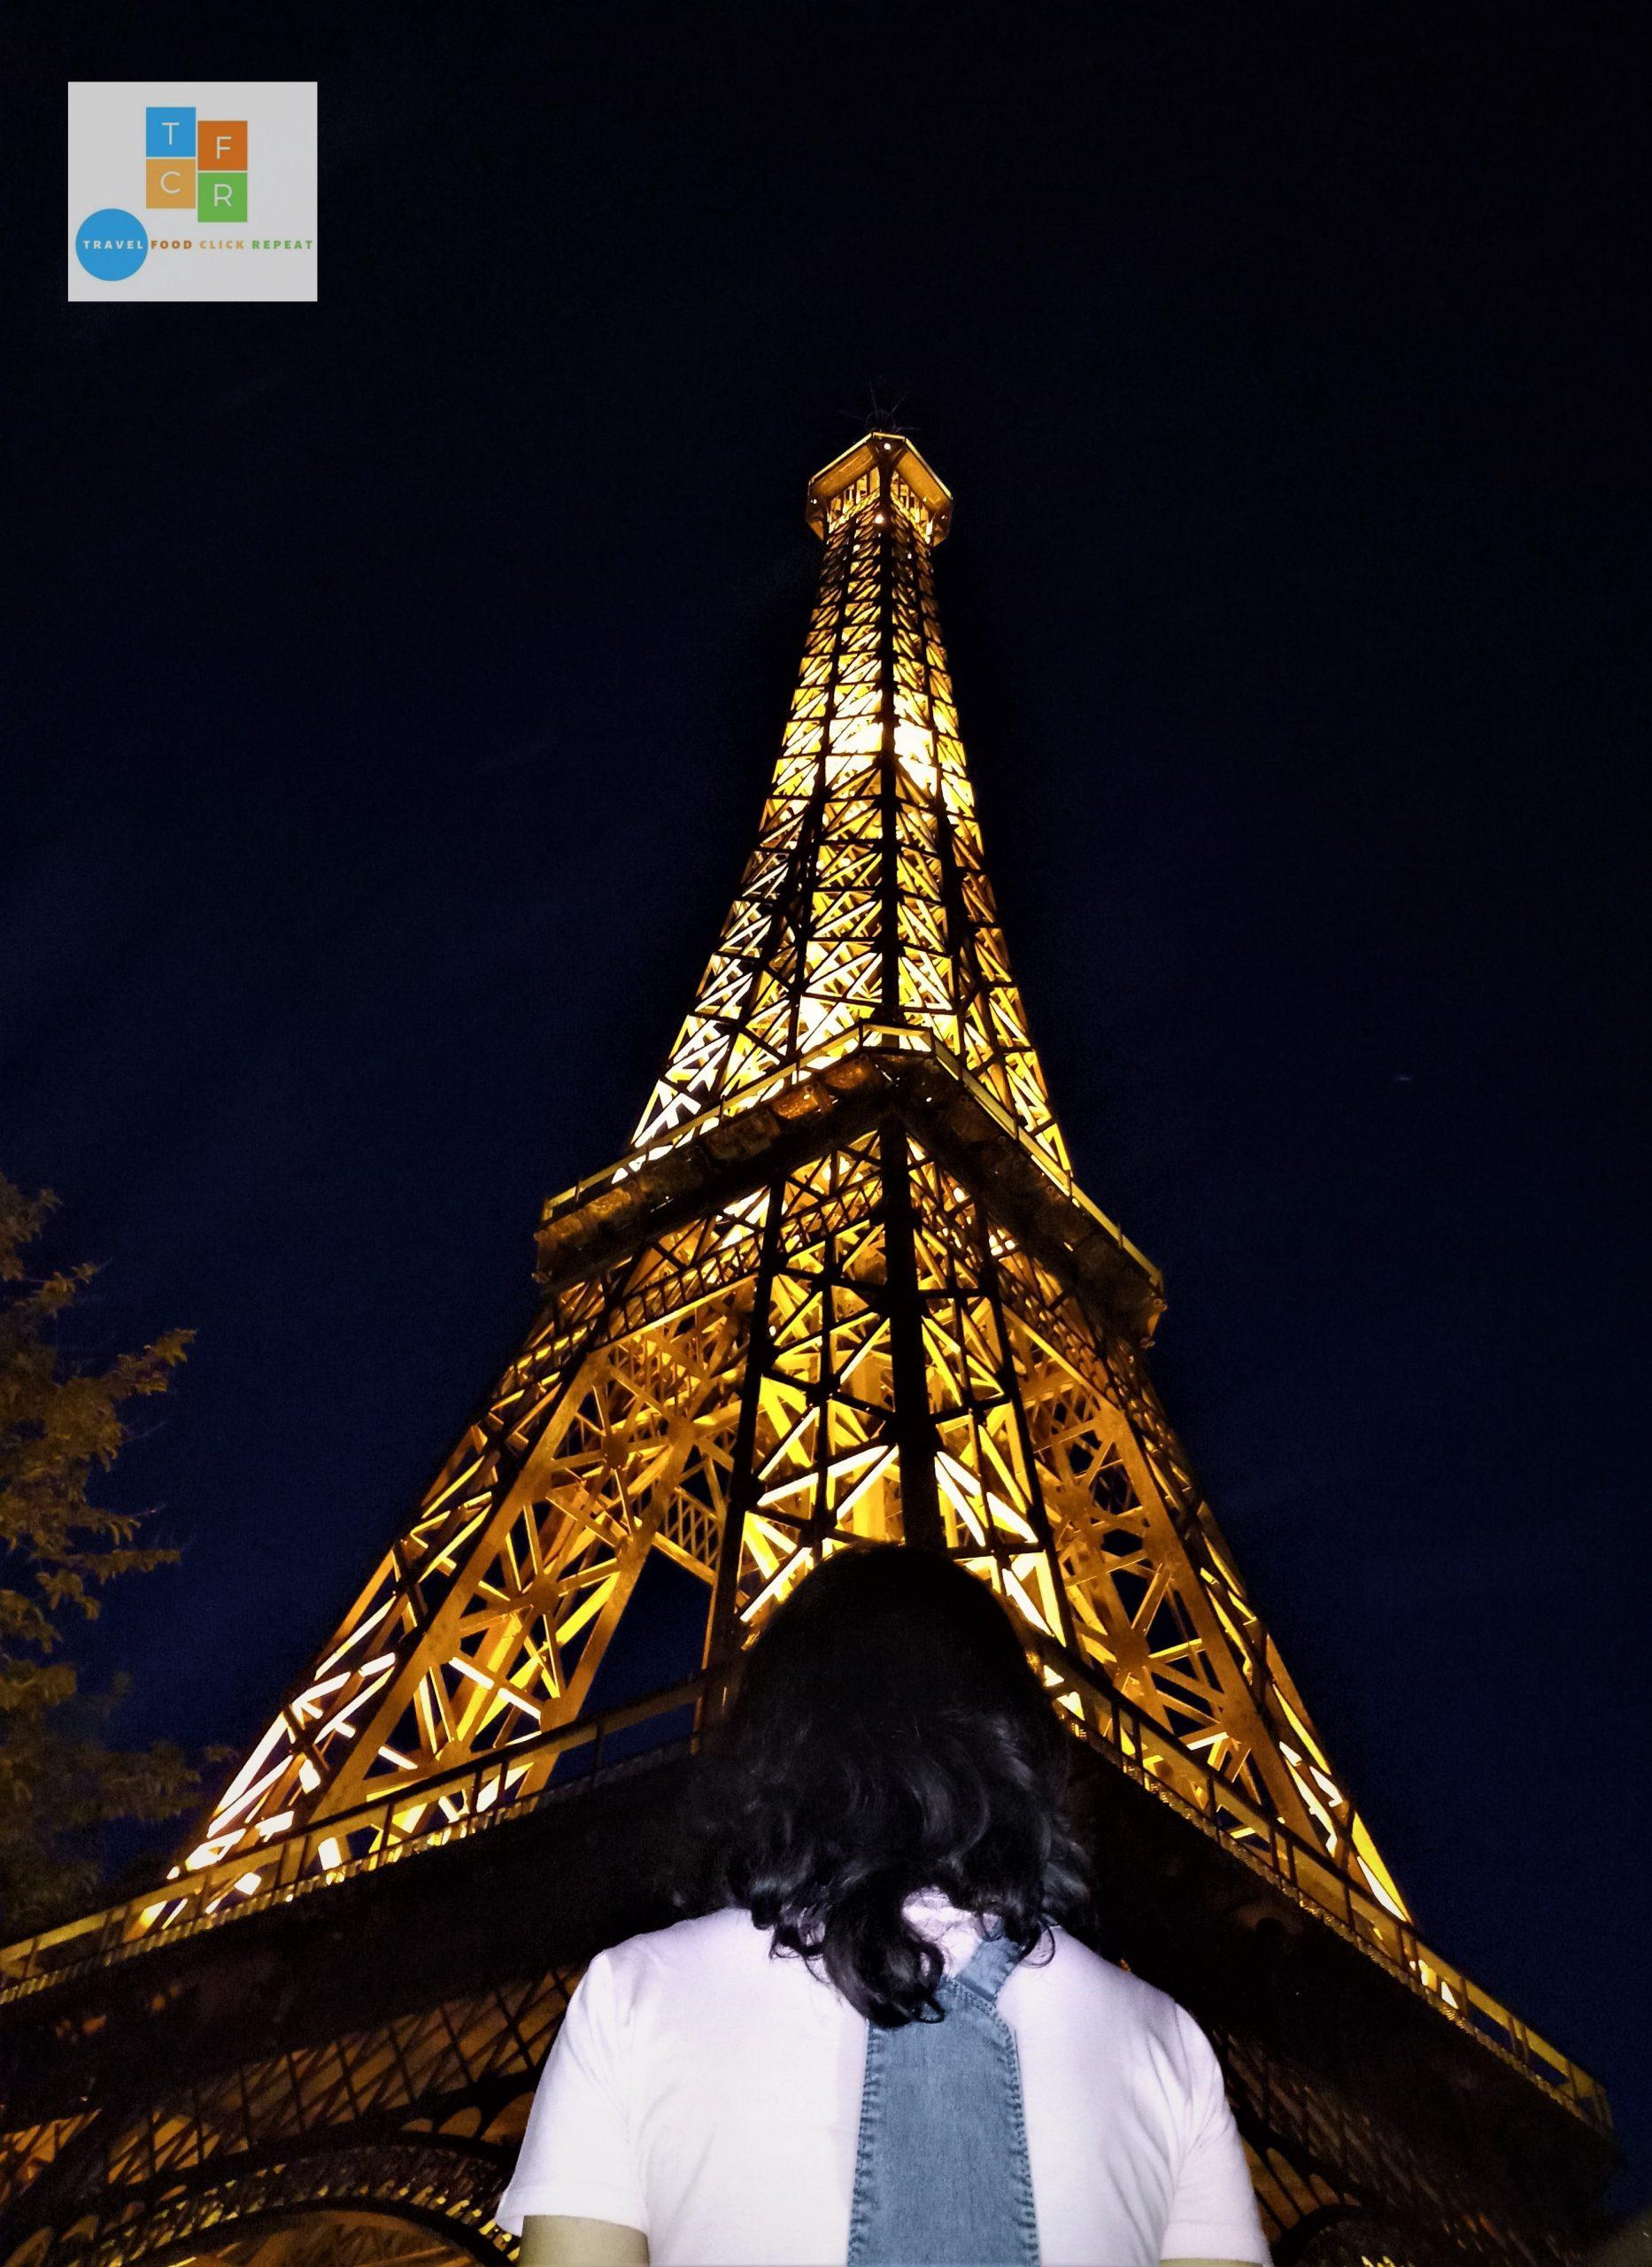 Tavisha-at-Eiffel-Tower